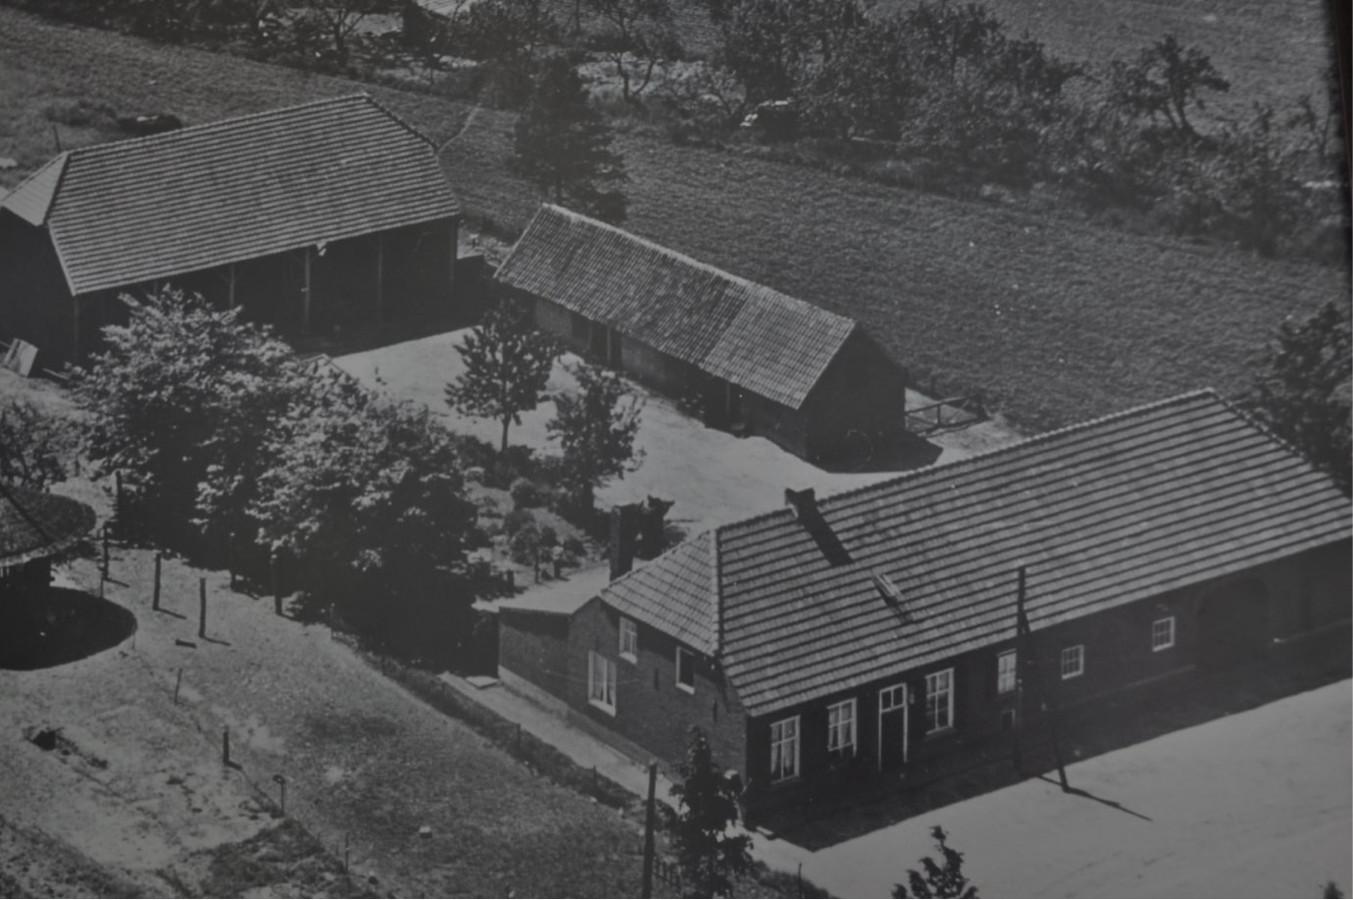 De boerderij van de familie Van der Heijden in Netersel, waar piloot Ernest Holmes een tijdje onderdag kreeg. Hij kwam met zijn bommenwerper neer bij een crash in Vessem.